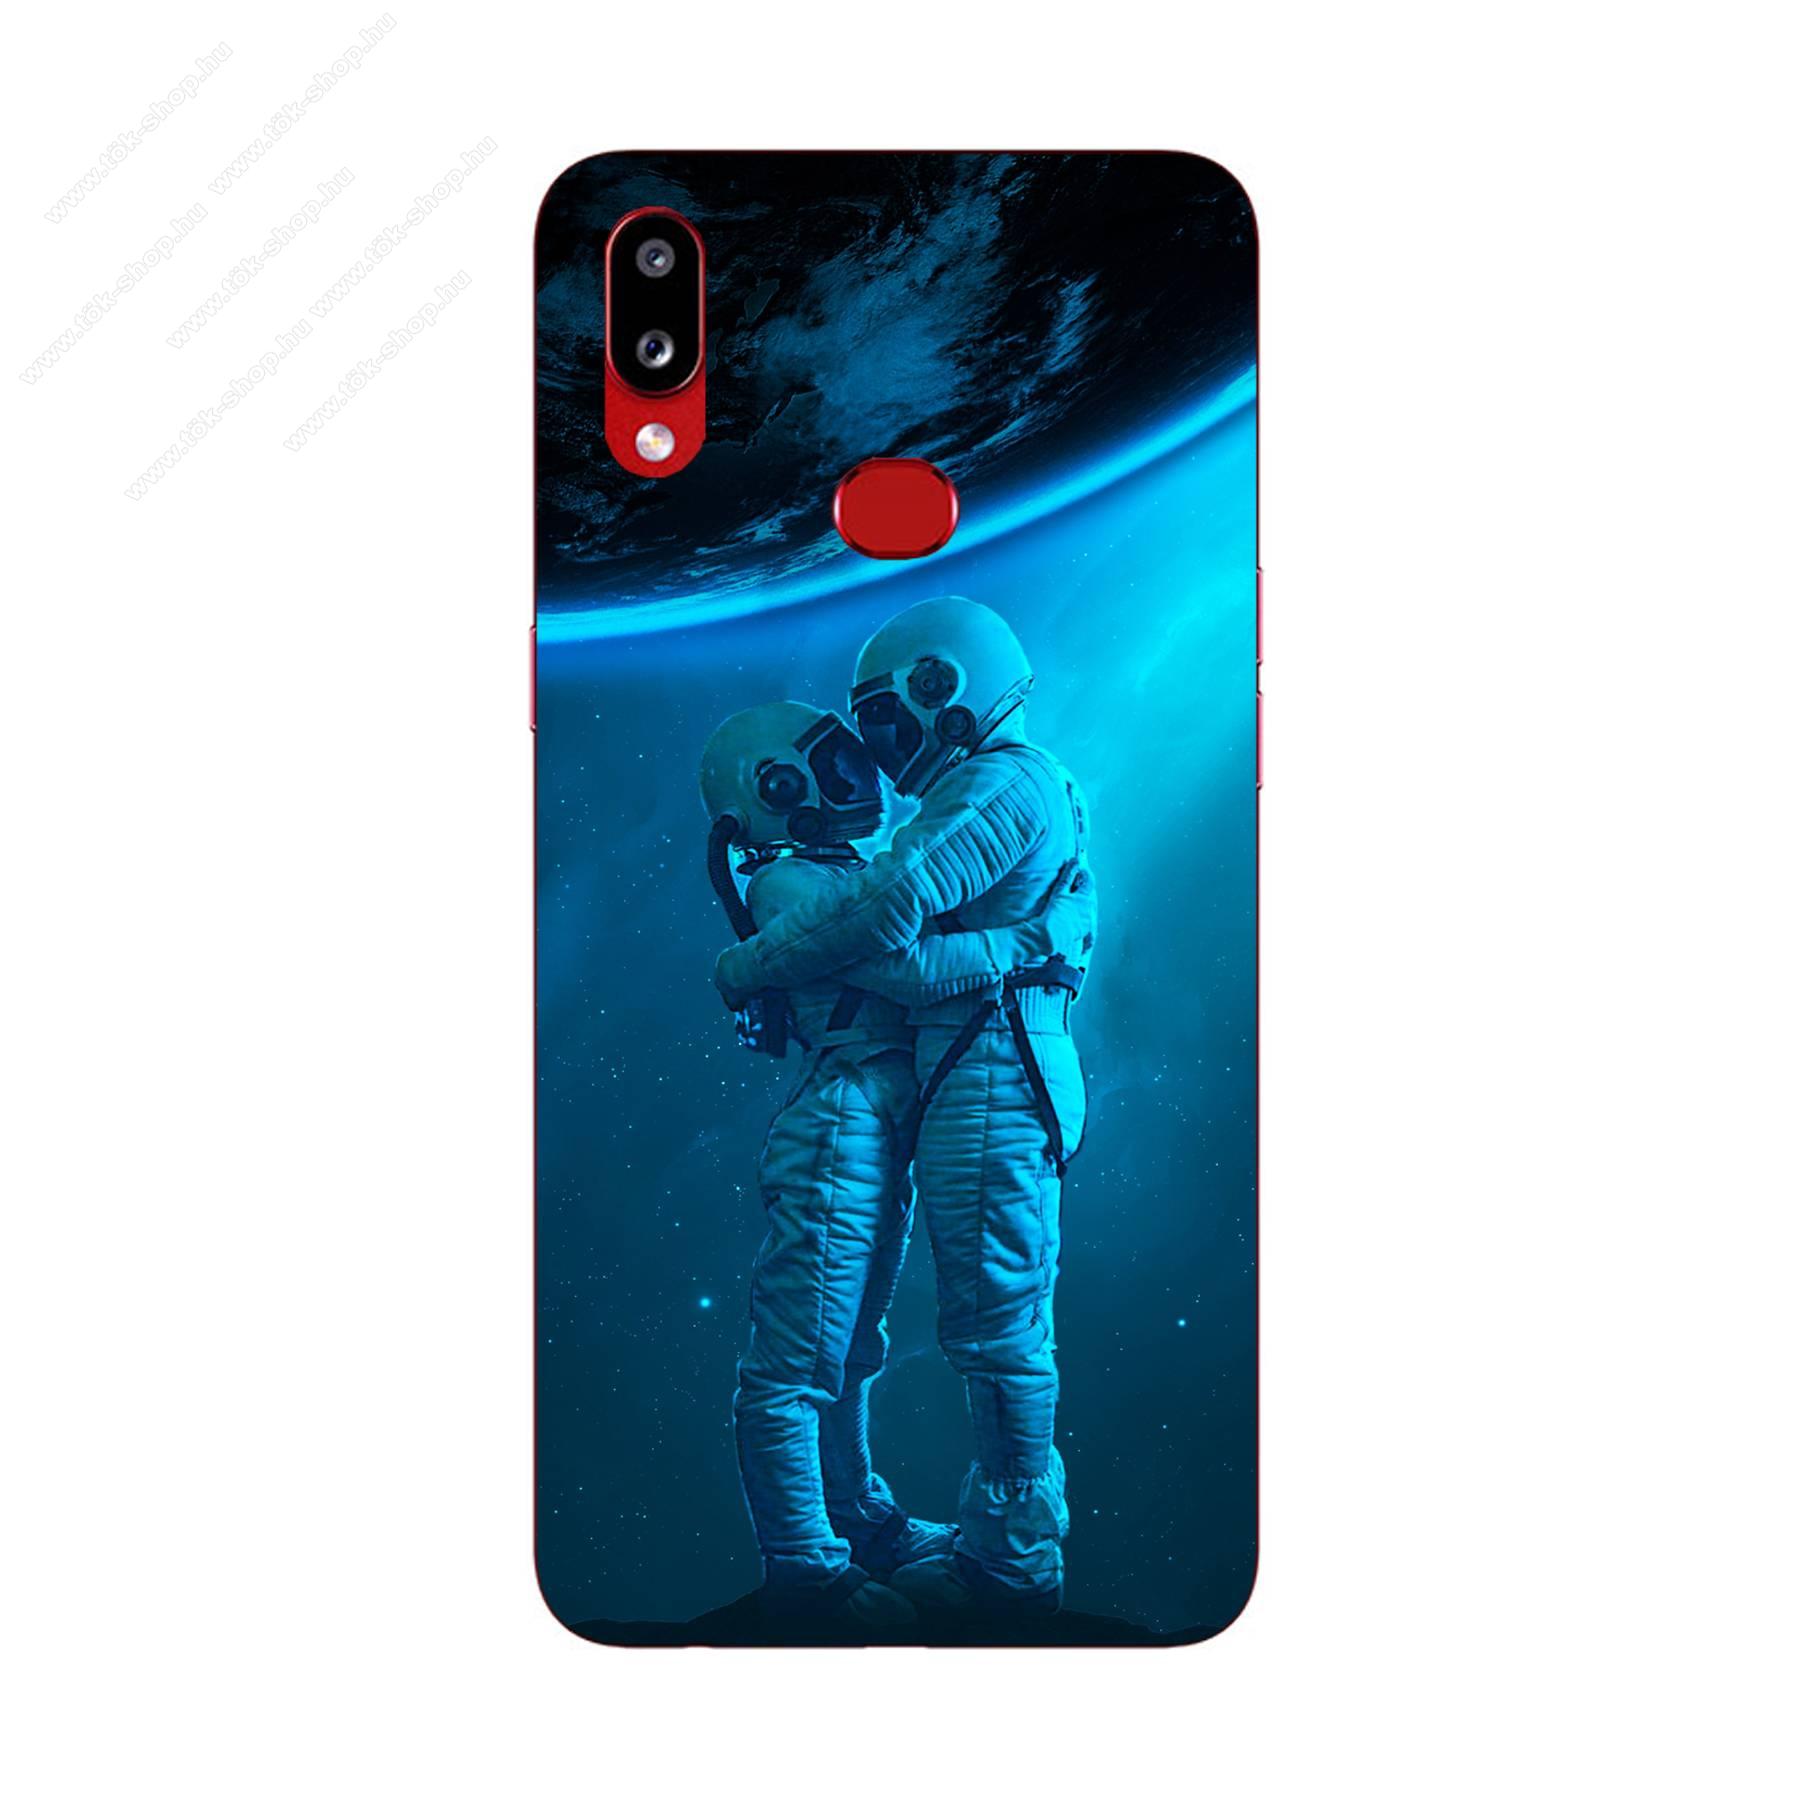 E-pic szilikon védő tok / hátlap - Szerelmes űrhajós pár mintás - SAMSUNG Galaxy A10s (SM-A107F)